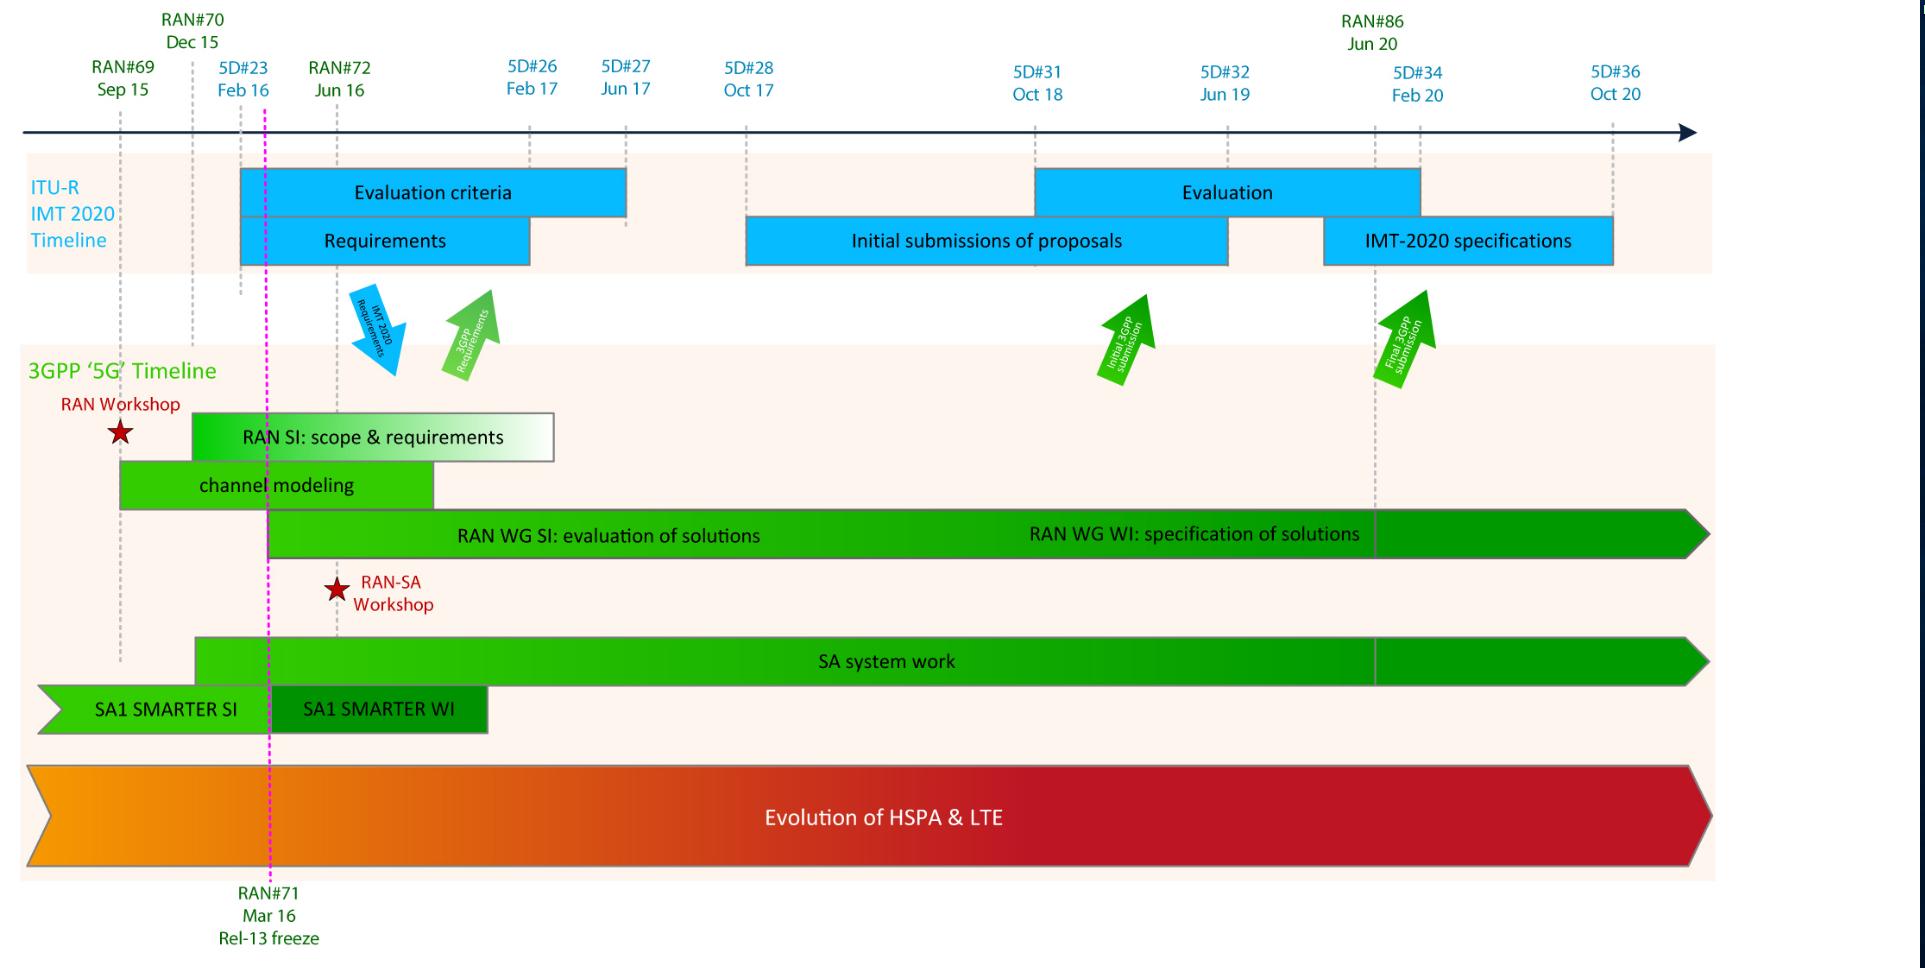 Initial 3GPP timeline for 5G.